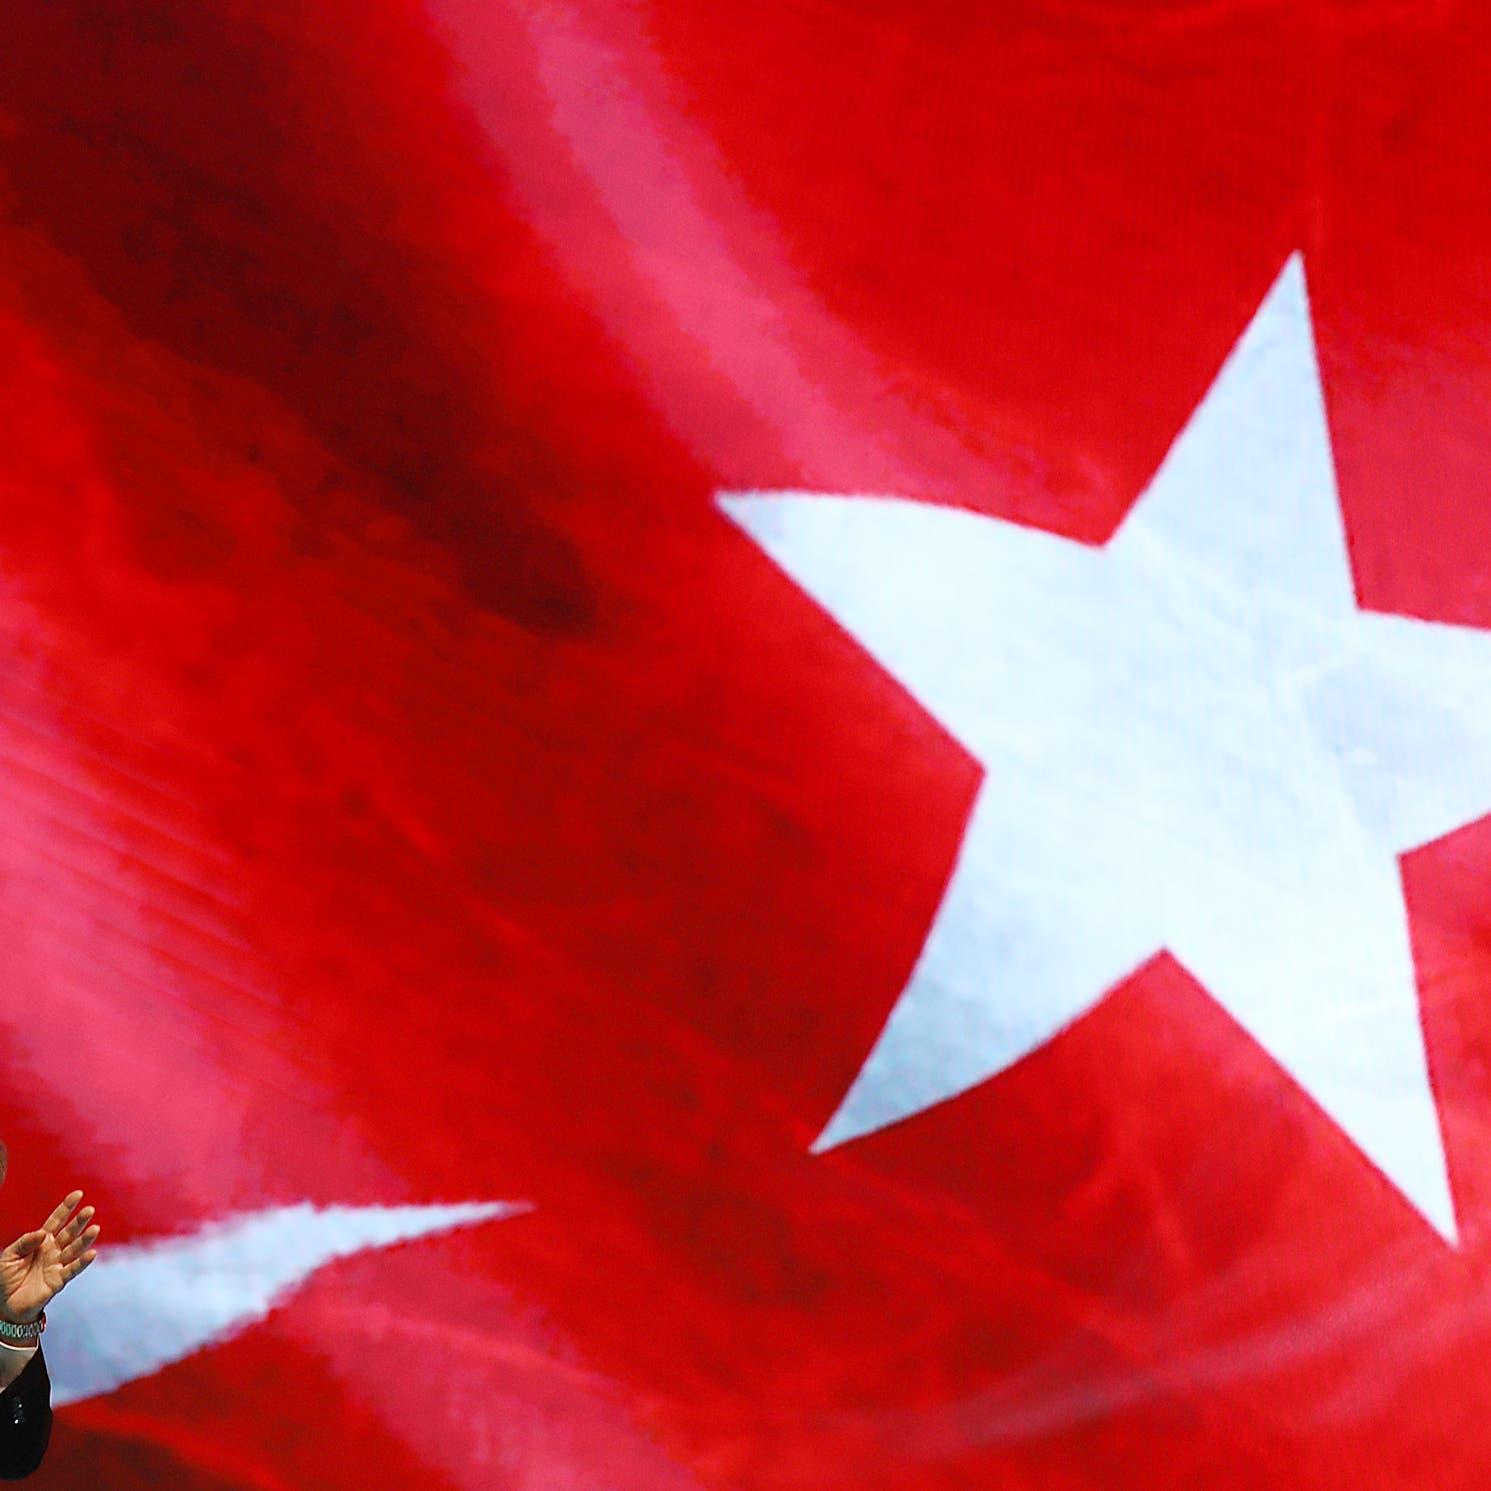 قبيل قمة بروكسل.. أوروبا تتشدد وتركيا تهادن وتتطلع للعضوية